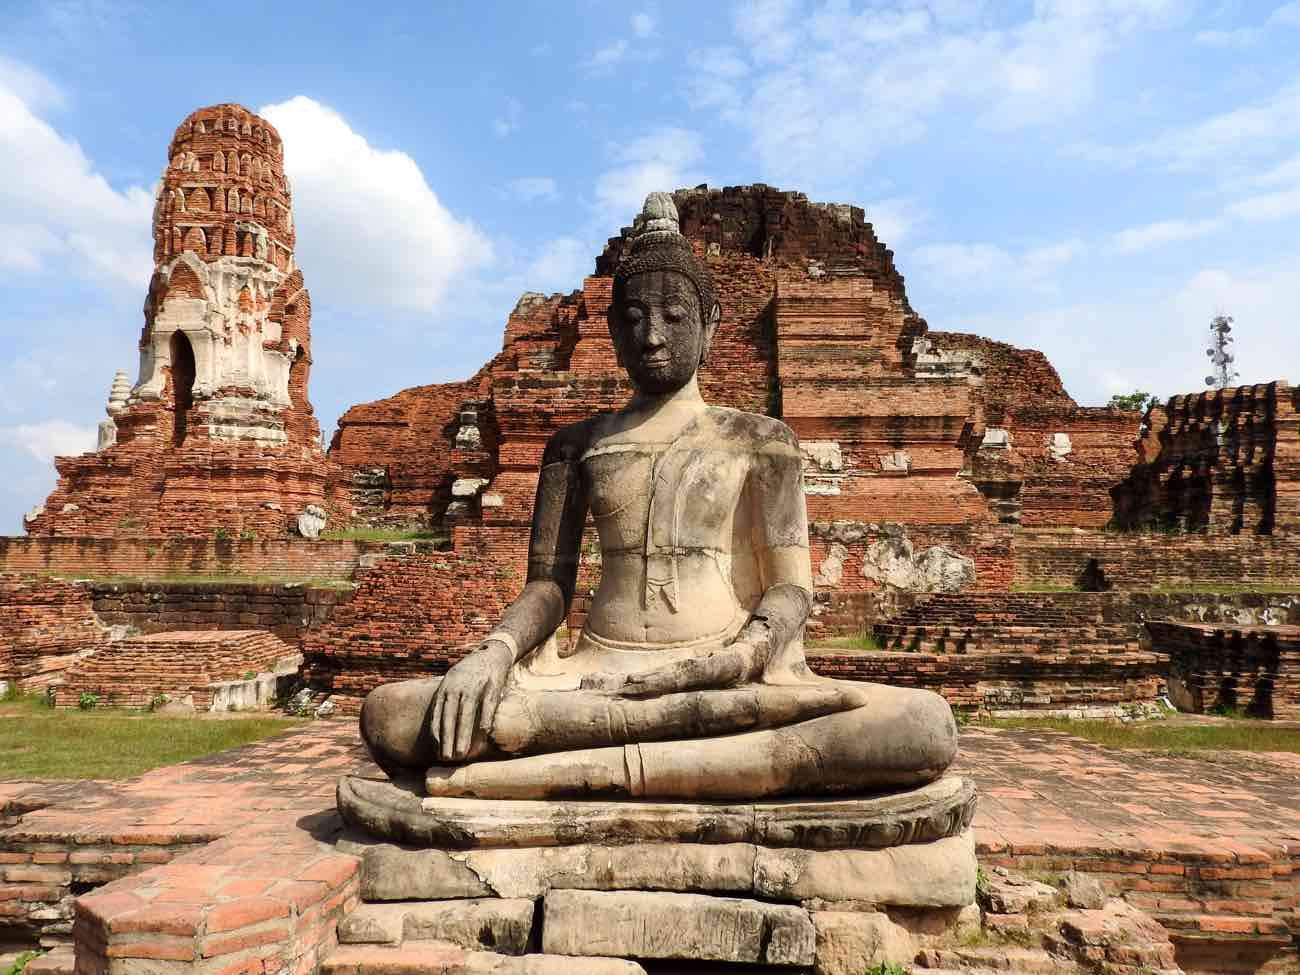 thailand itinerary 2 weeks ayutthaya ruins